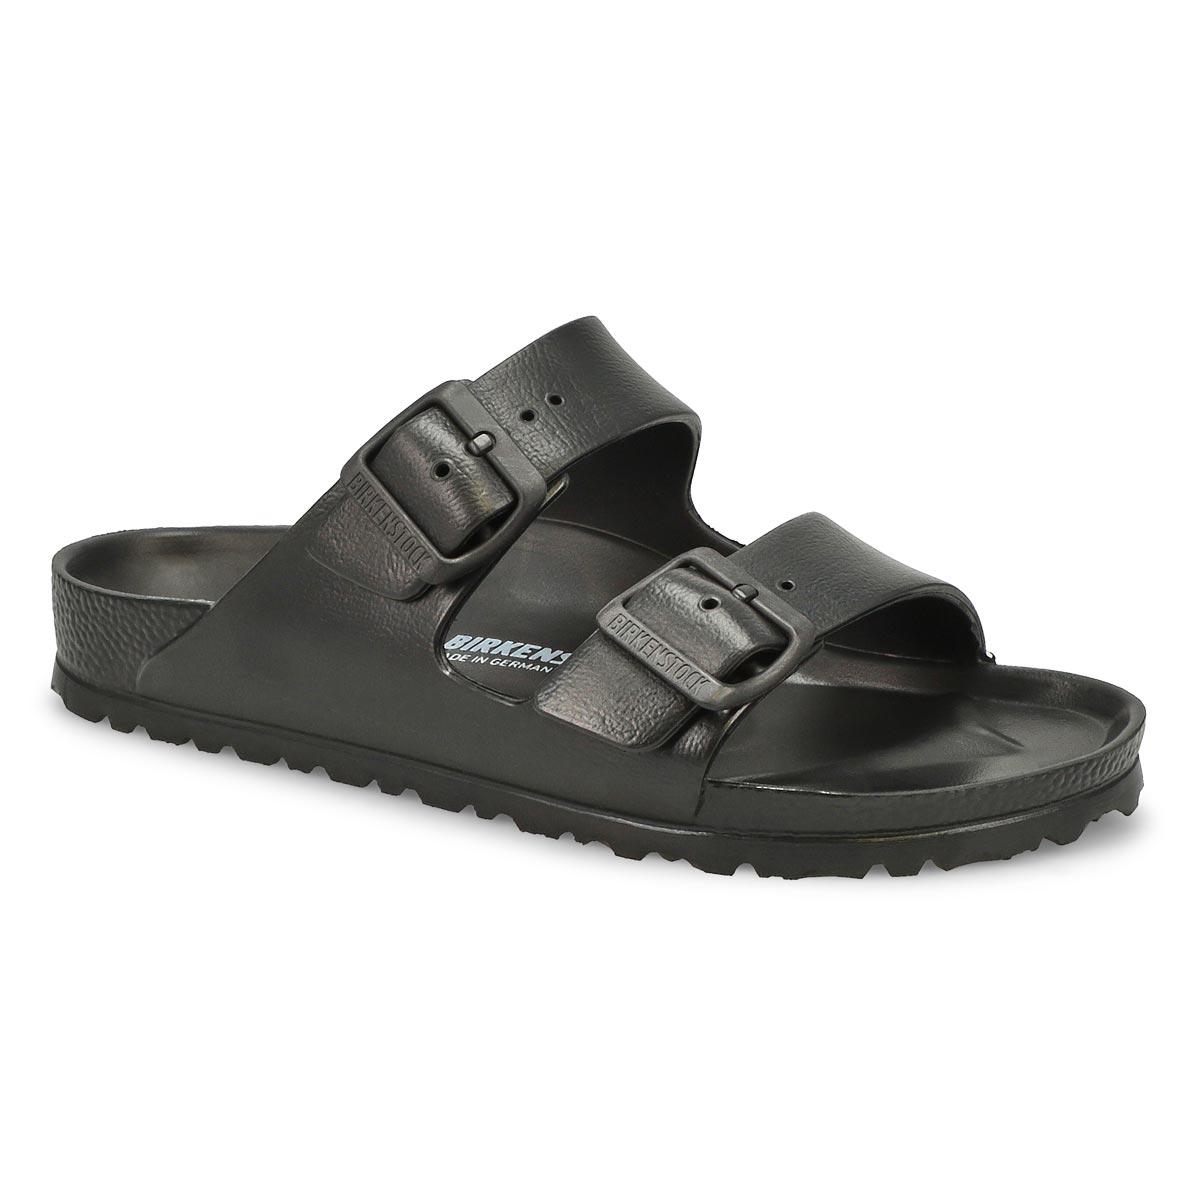 Women's ARIZONA EVA black sandals - Narrow